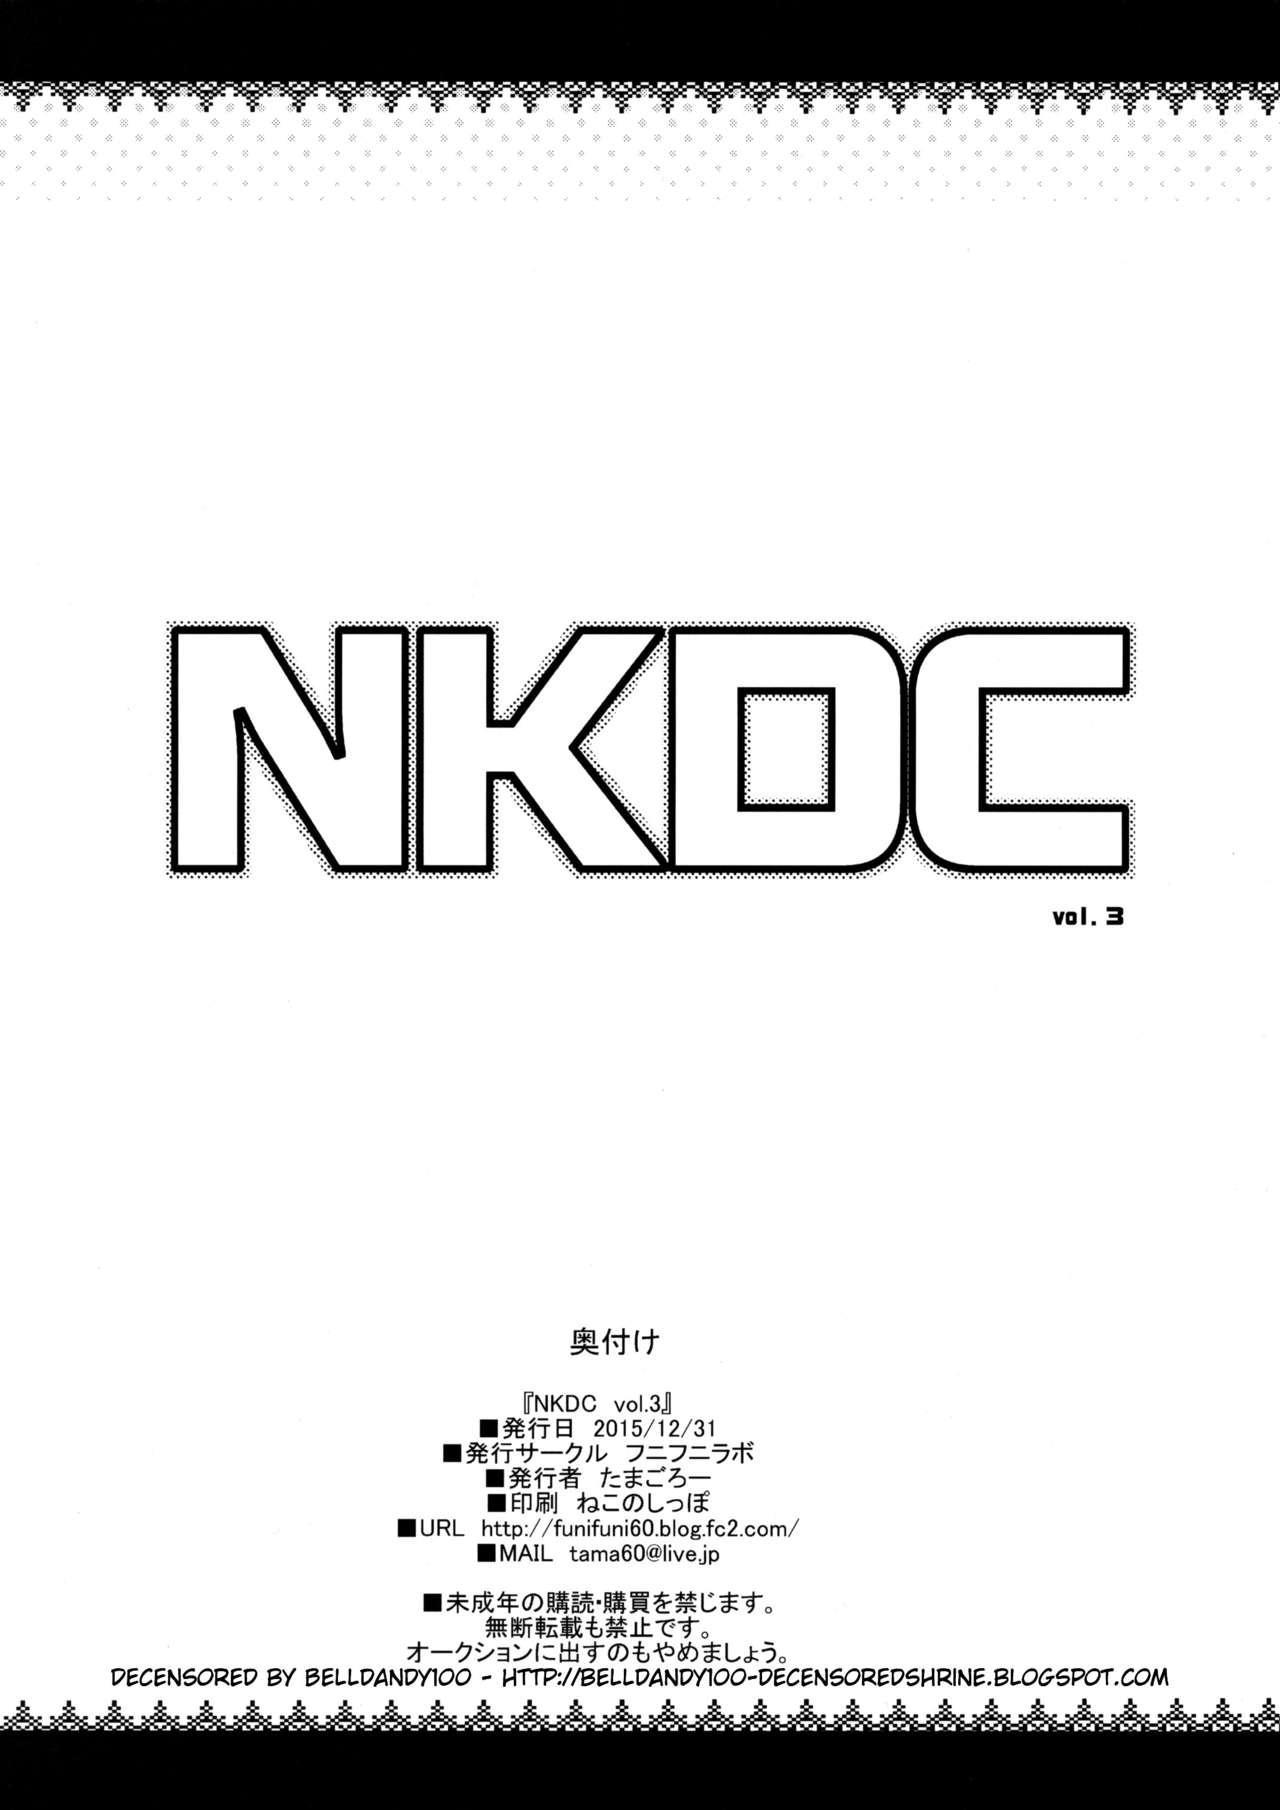 NKDC Vol. 3 11